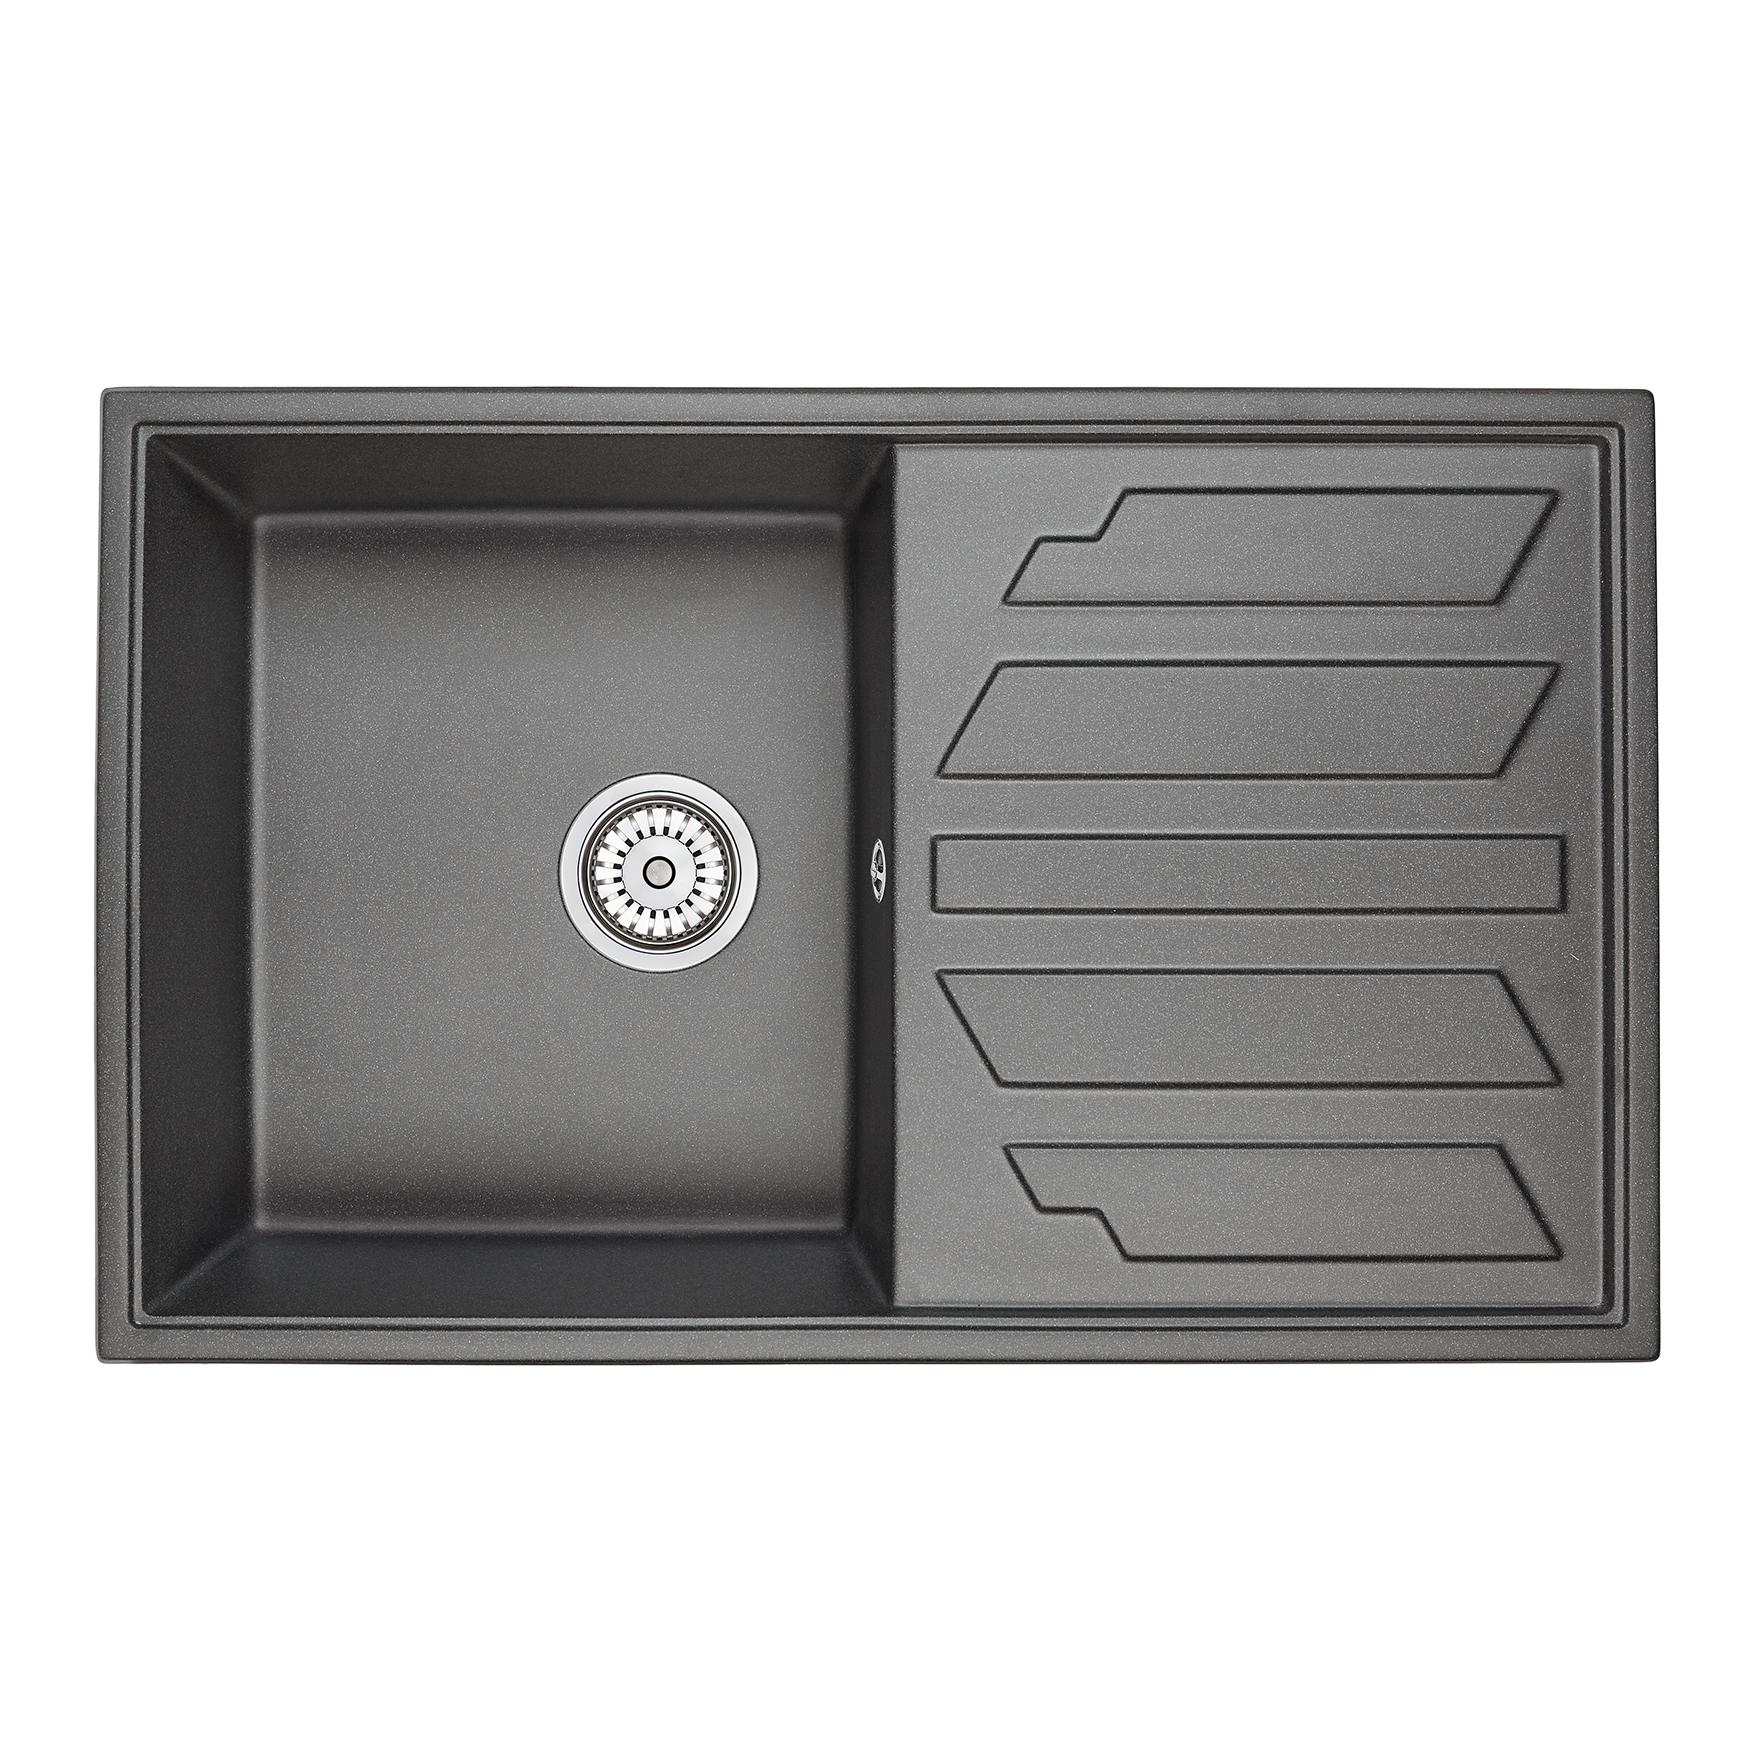 Кухонная мойка Granula GR-8002 790х500 черный одежда больших размеров baa linda dress 8002 mm 2015